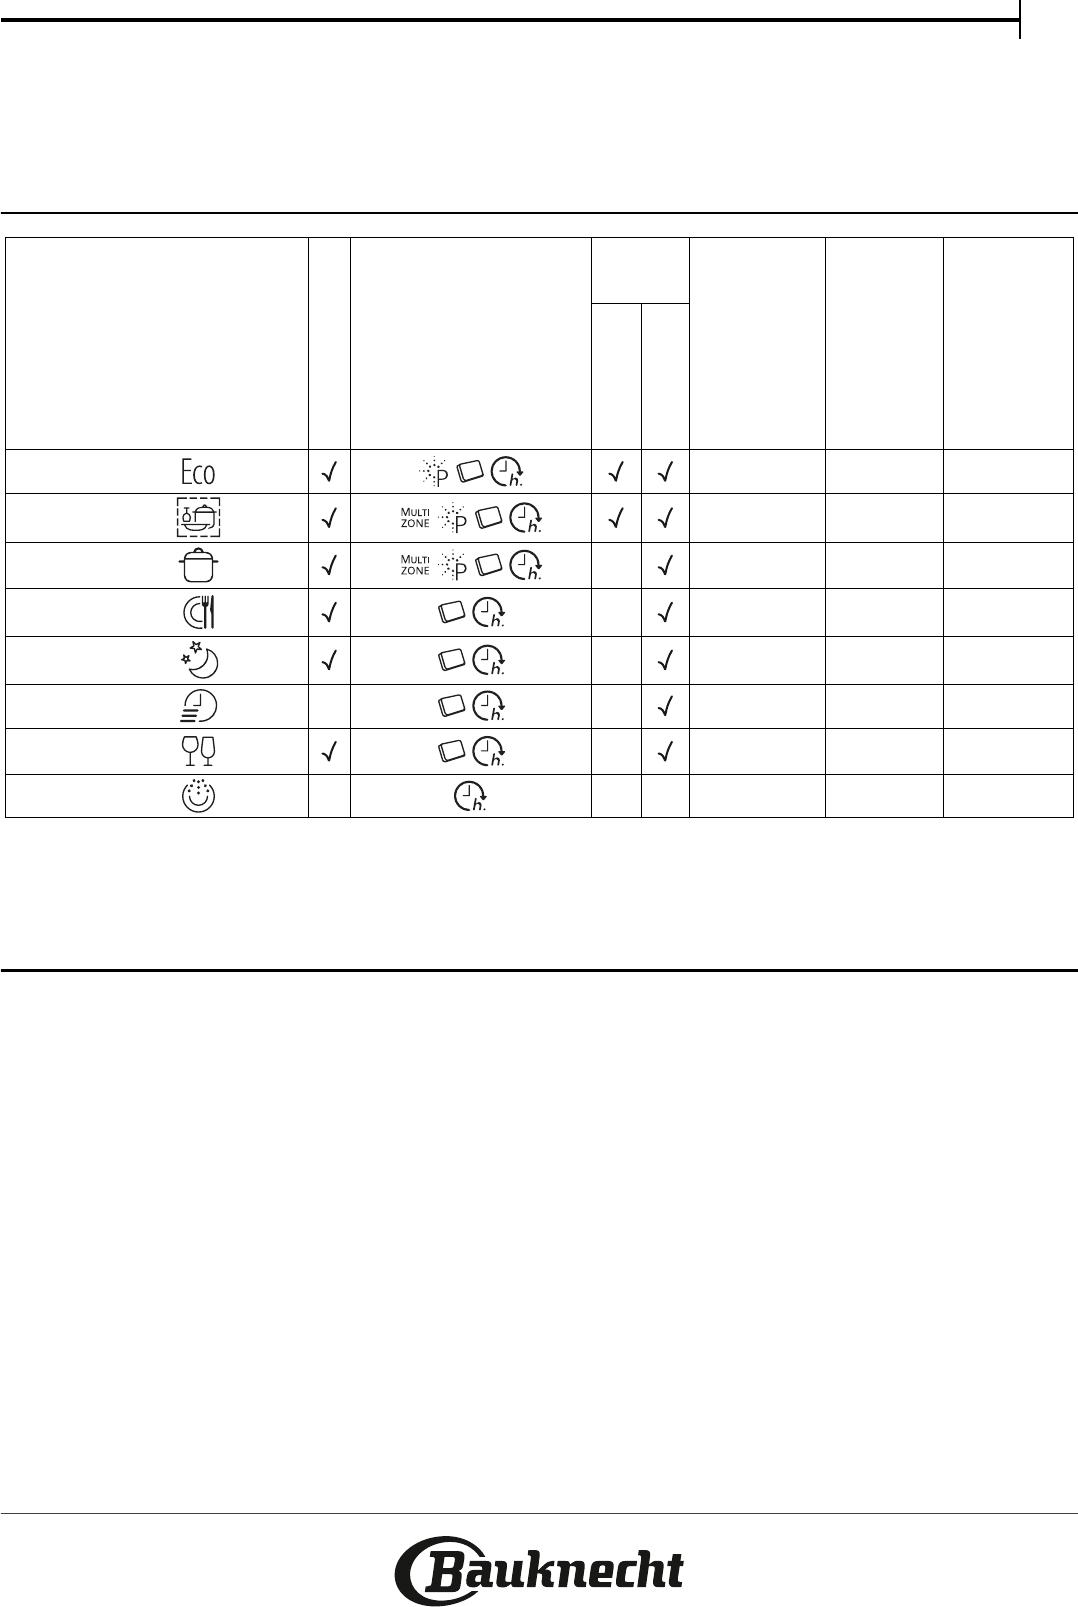 Bedienungsanleitung Bauknecht BBC 3C26 PF X A (Seite 1 von 8